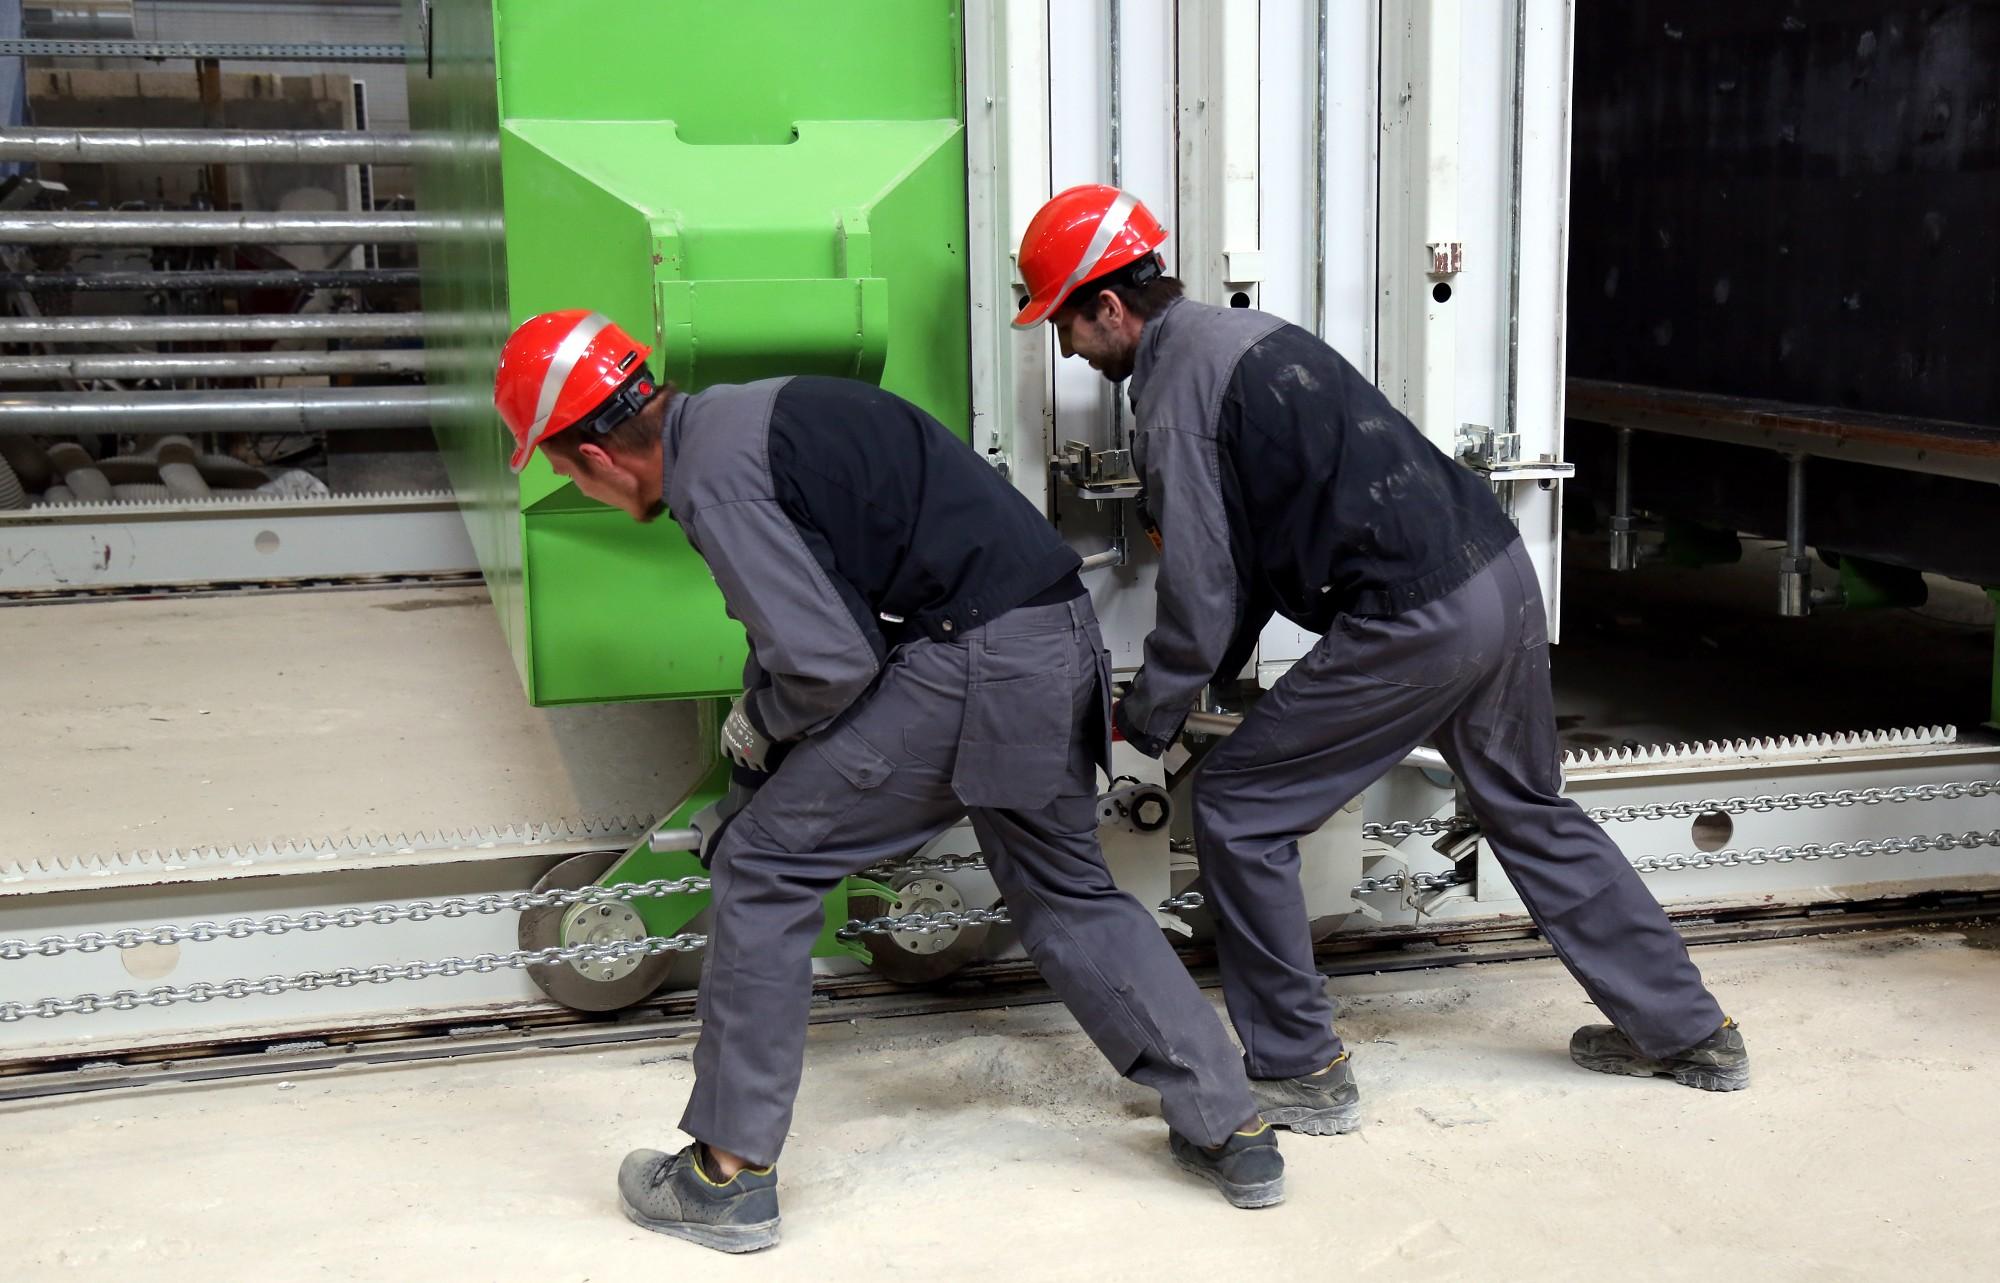 Уровень безработицы в Латвии в конце августа уменьшился до 5,9%